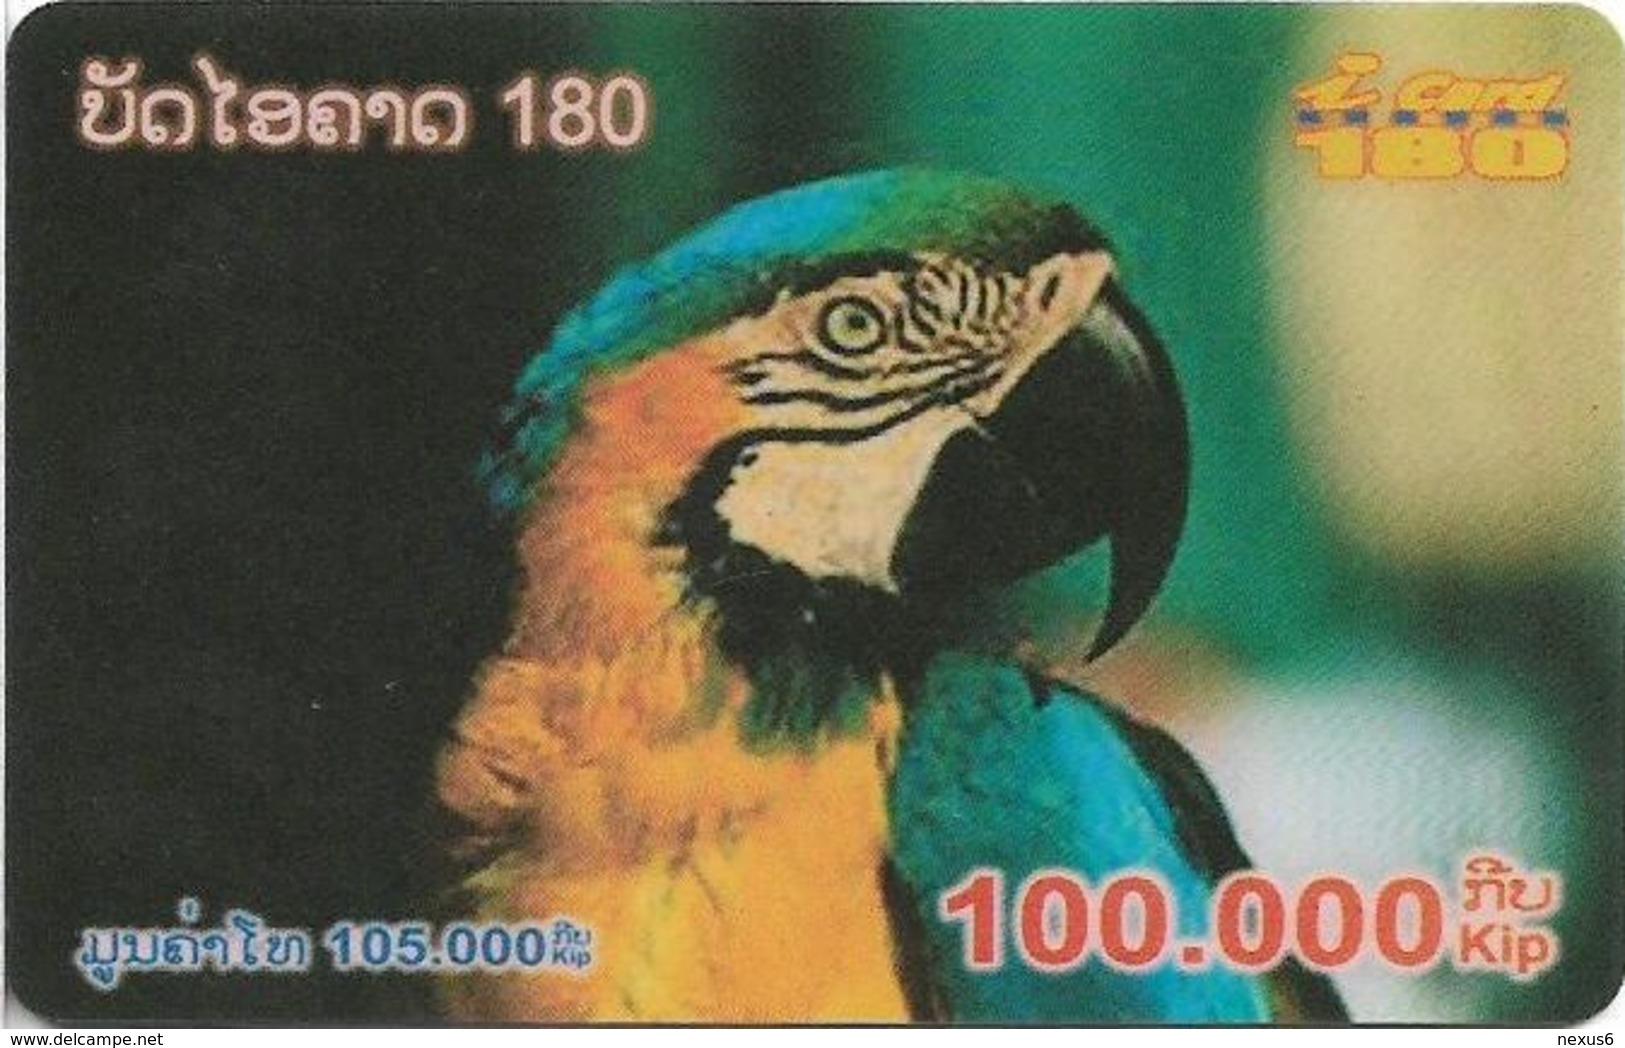 Laos - ETL - I-Card 180 - Parrot, Exp.31.12.2005, Remote Mem. 100.000₭, Used - Laos